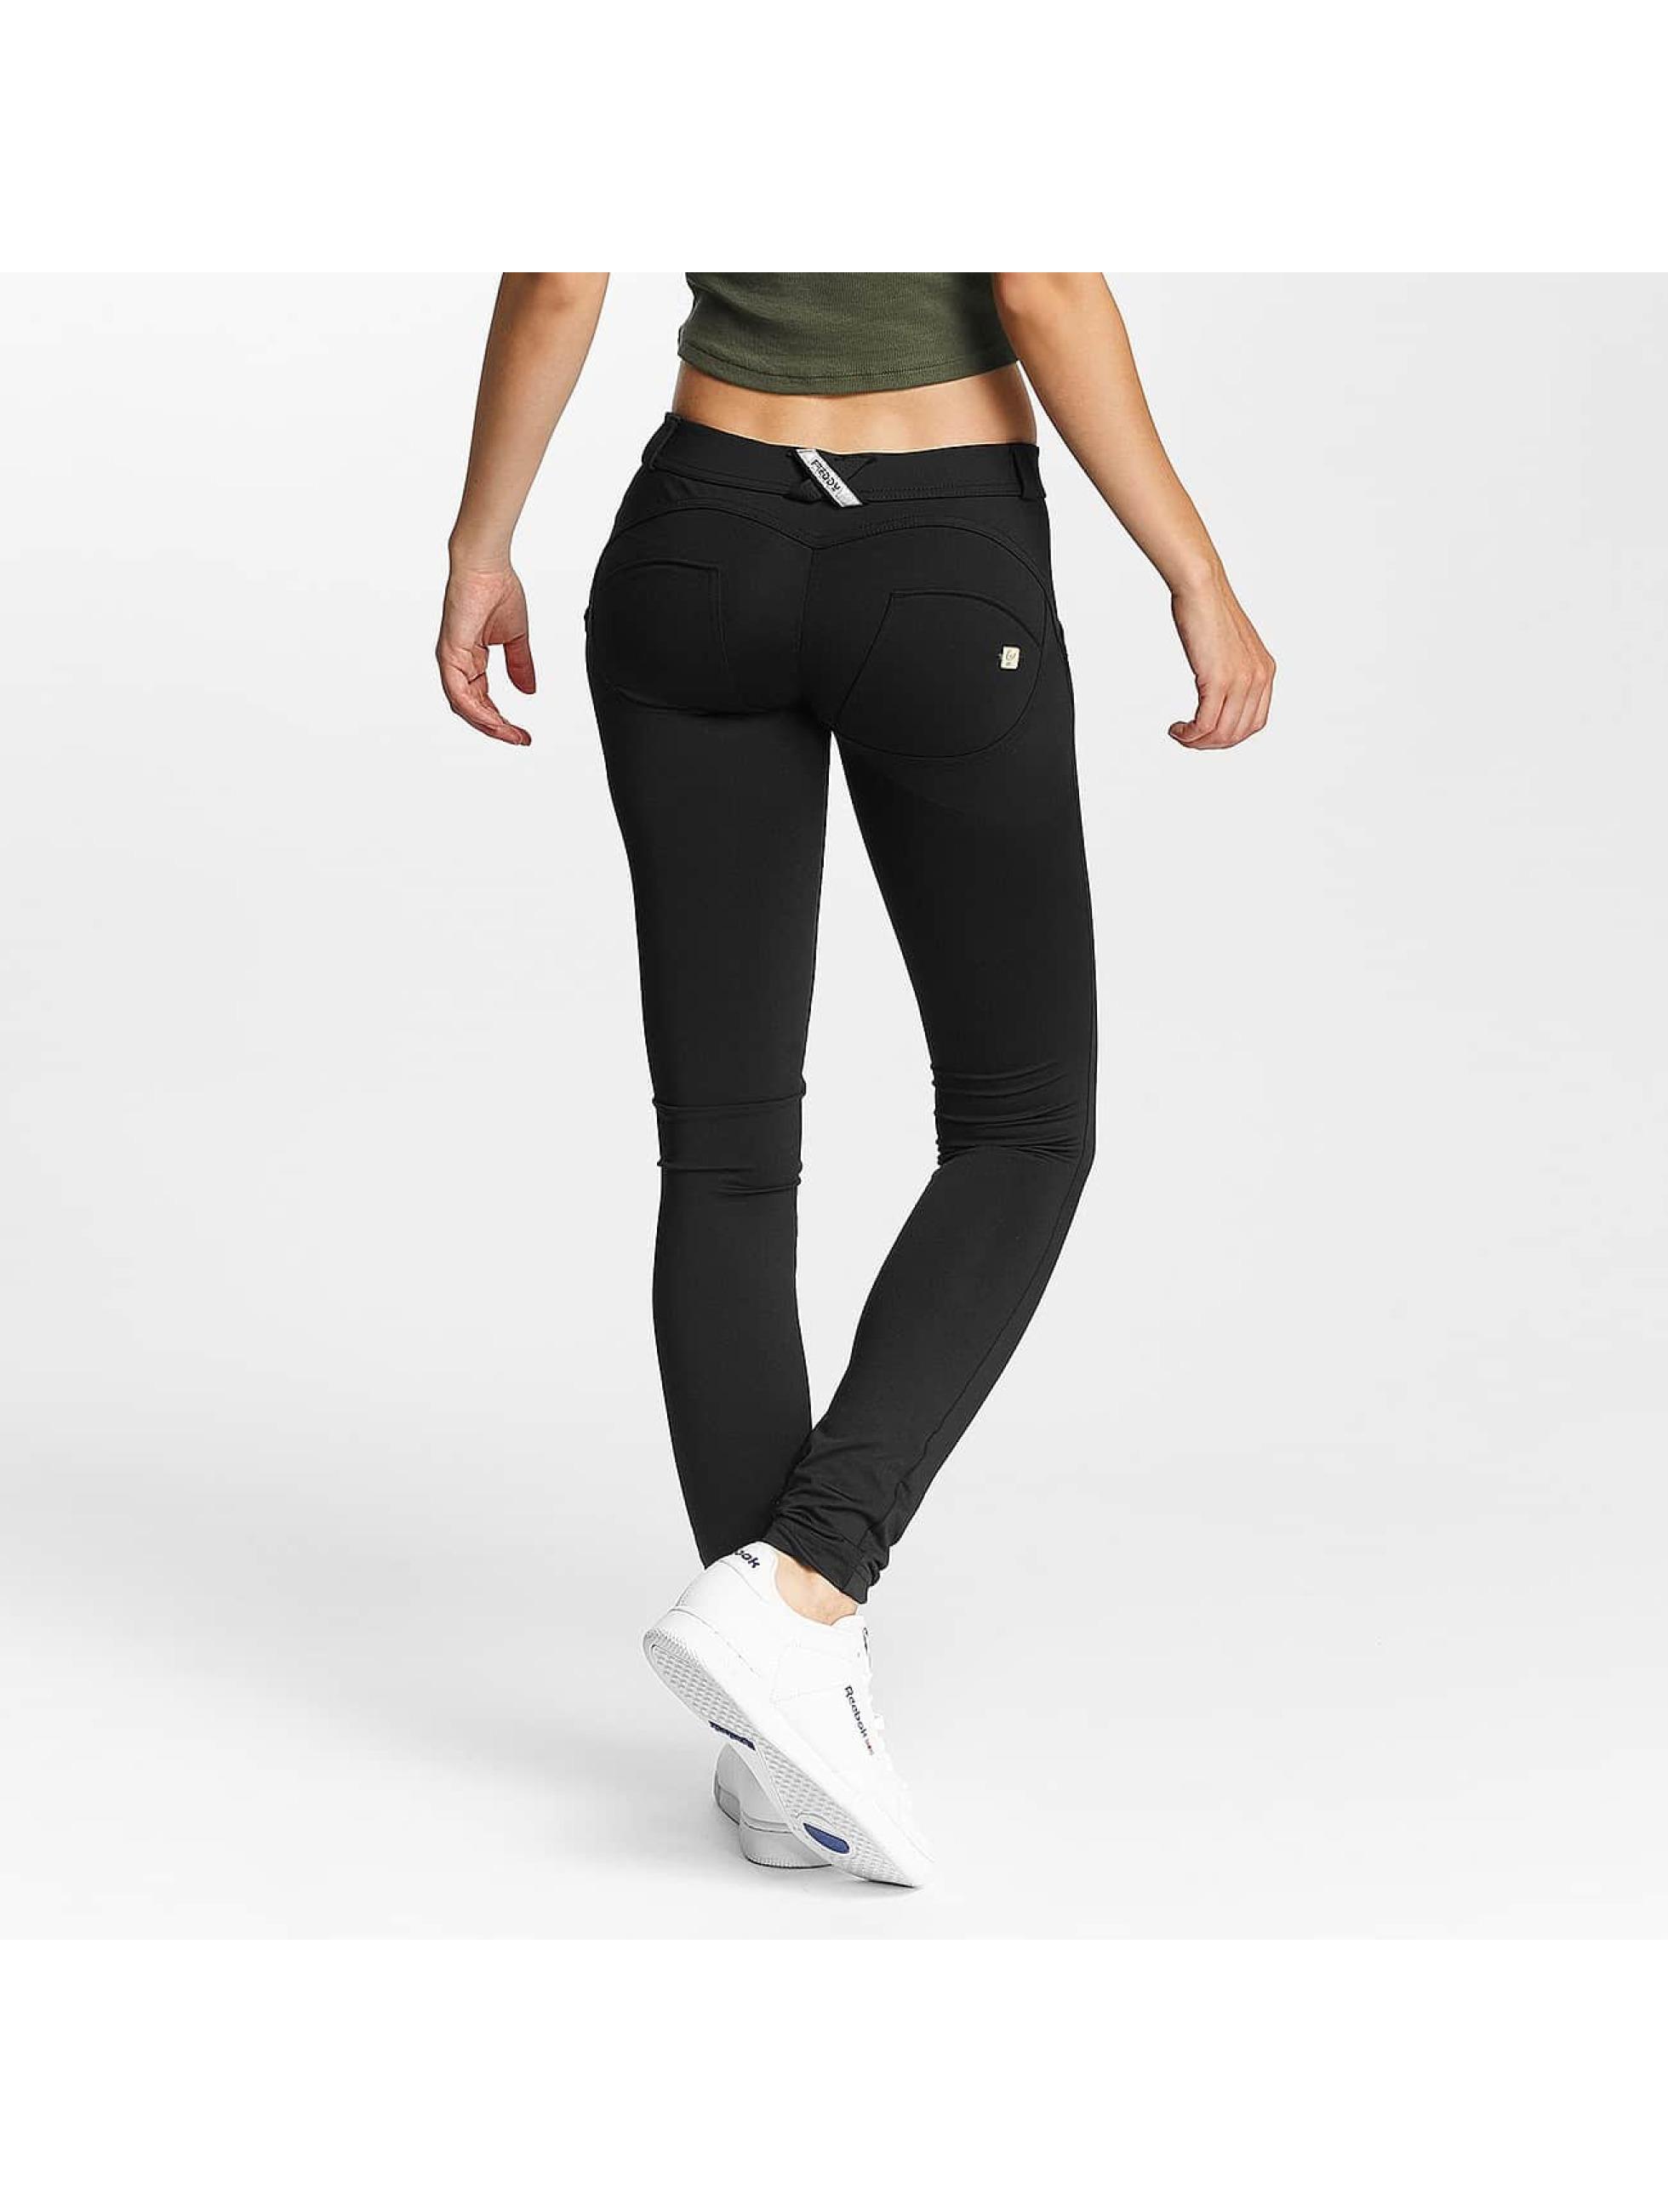 Grau schwarze jeans damen